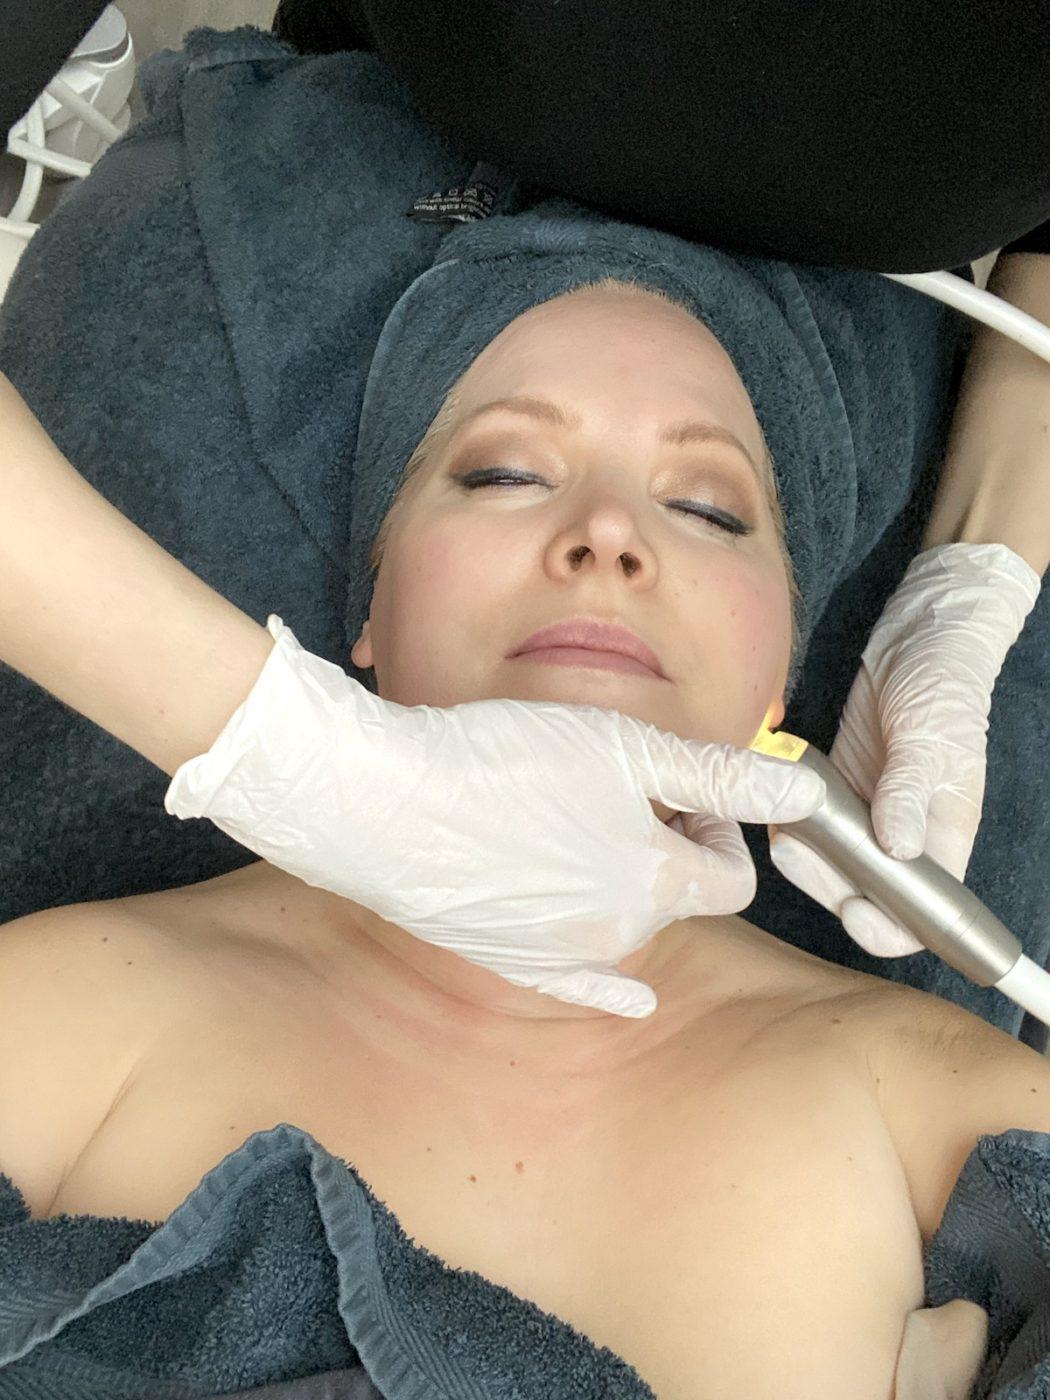 Närbild på Elin med två händer i ansiktet och en stav som lyster i gult från Skinfusor.